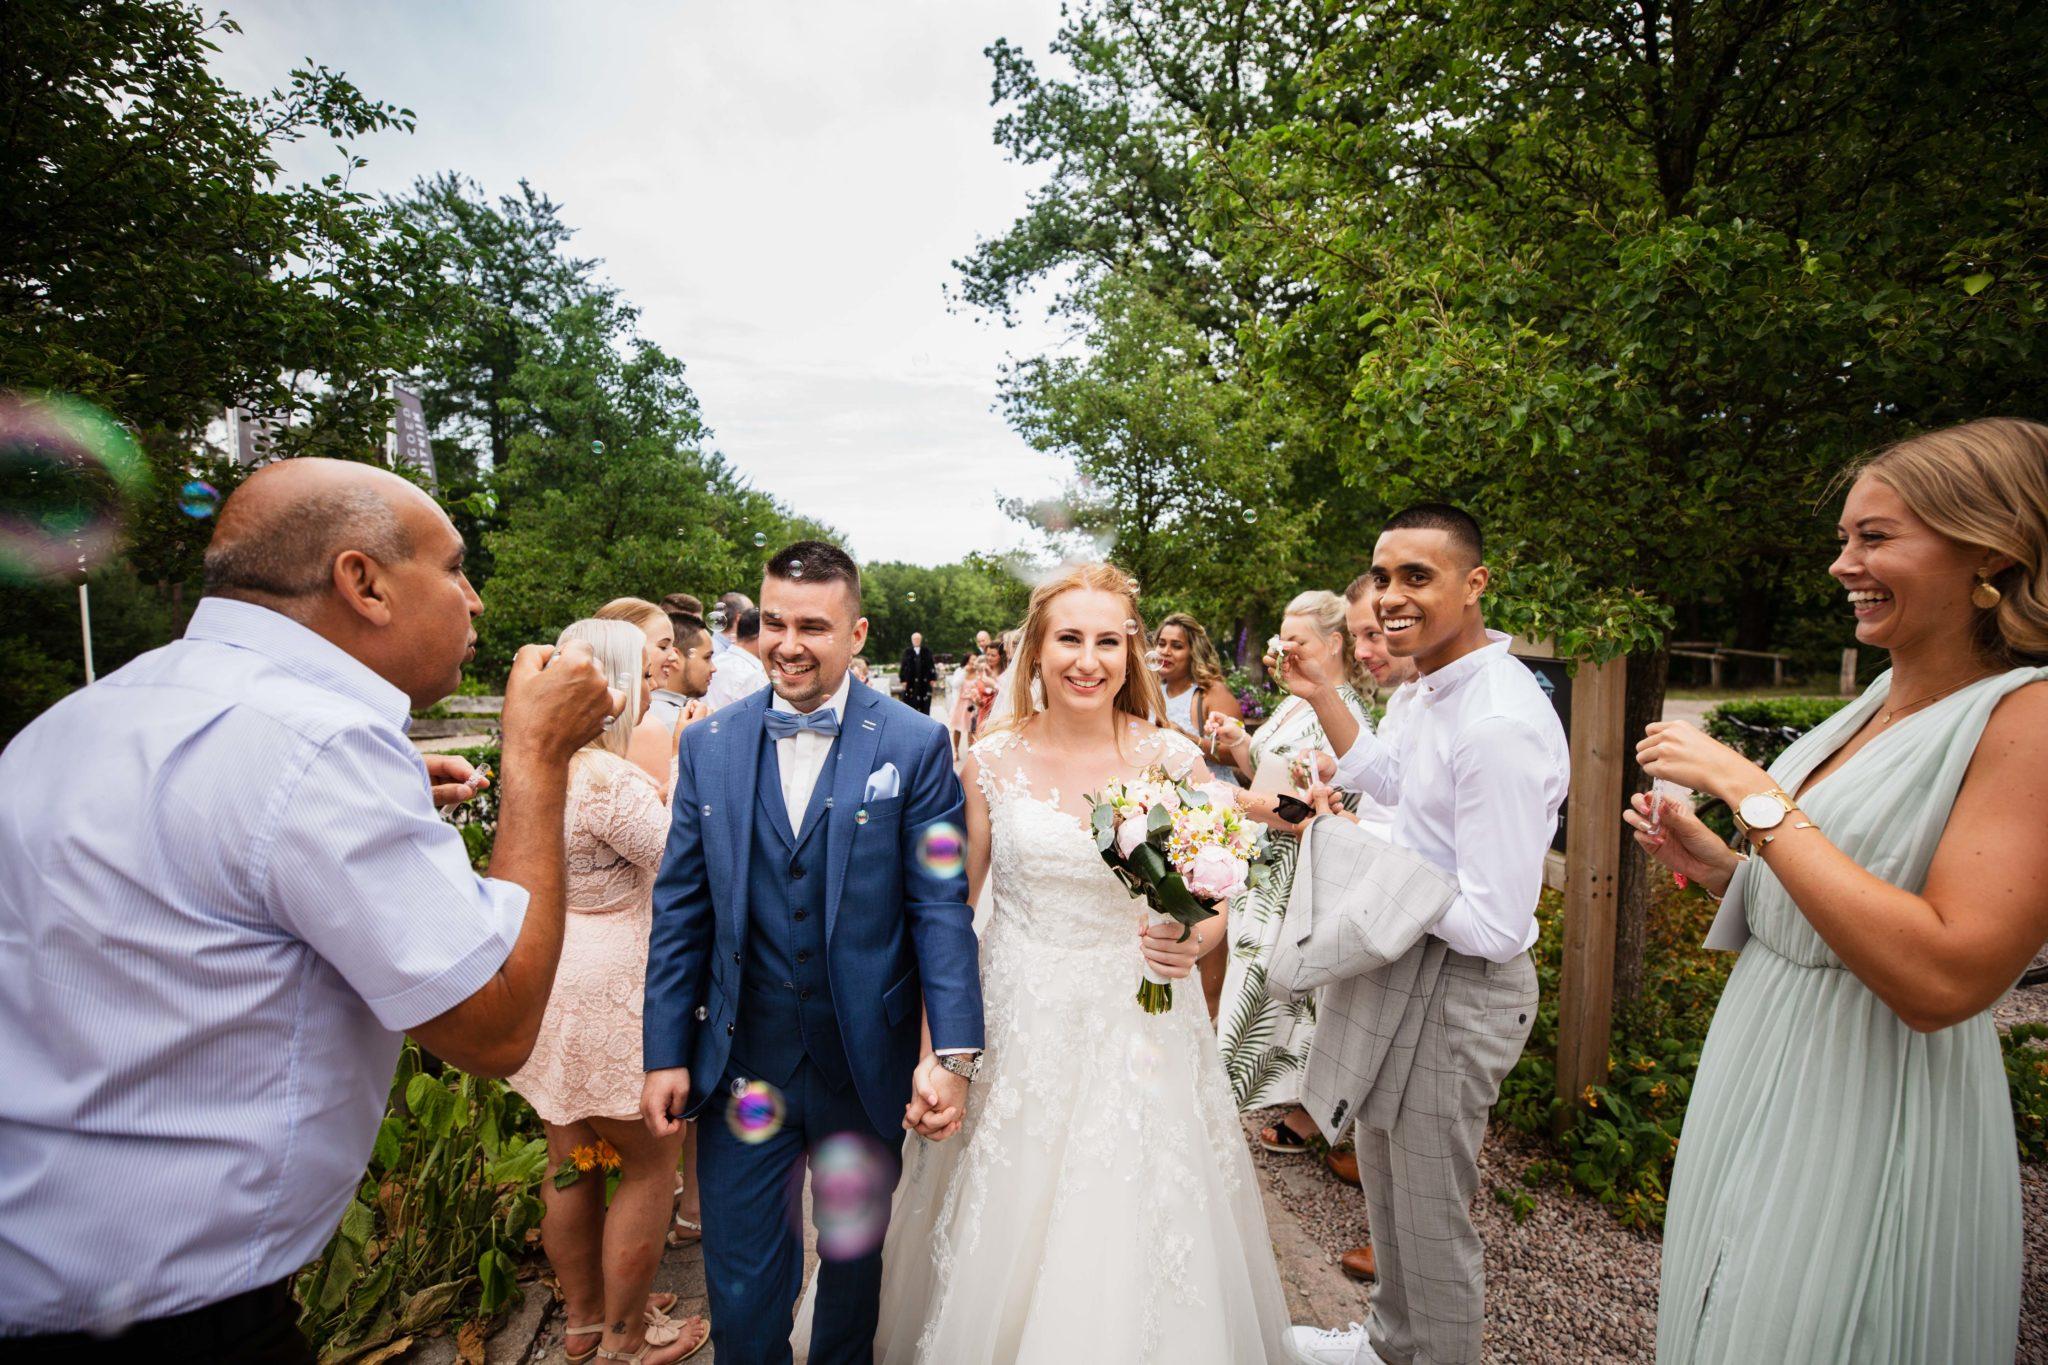 Bellenblaas bruiloft landgoed de uitkijk